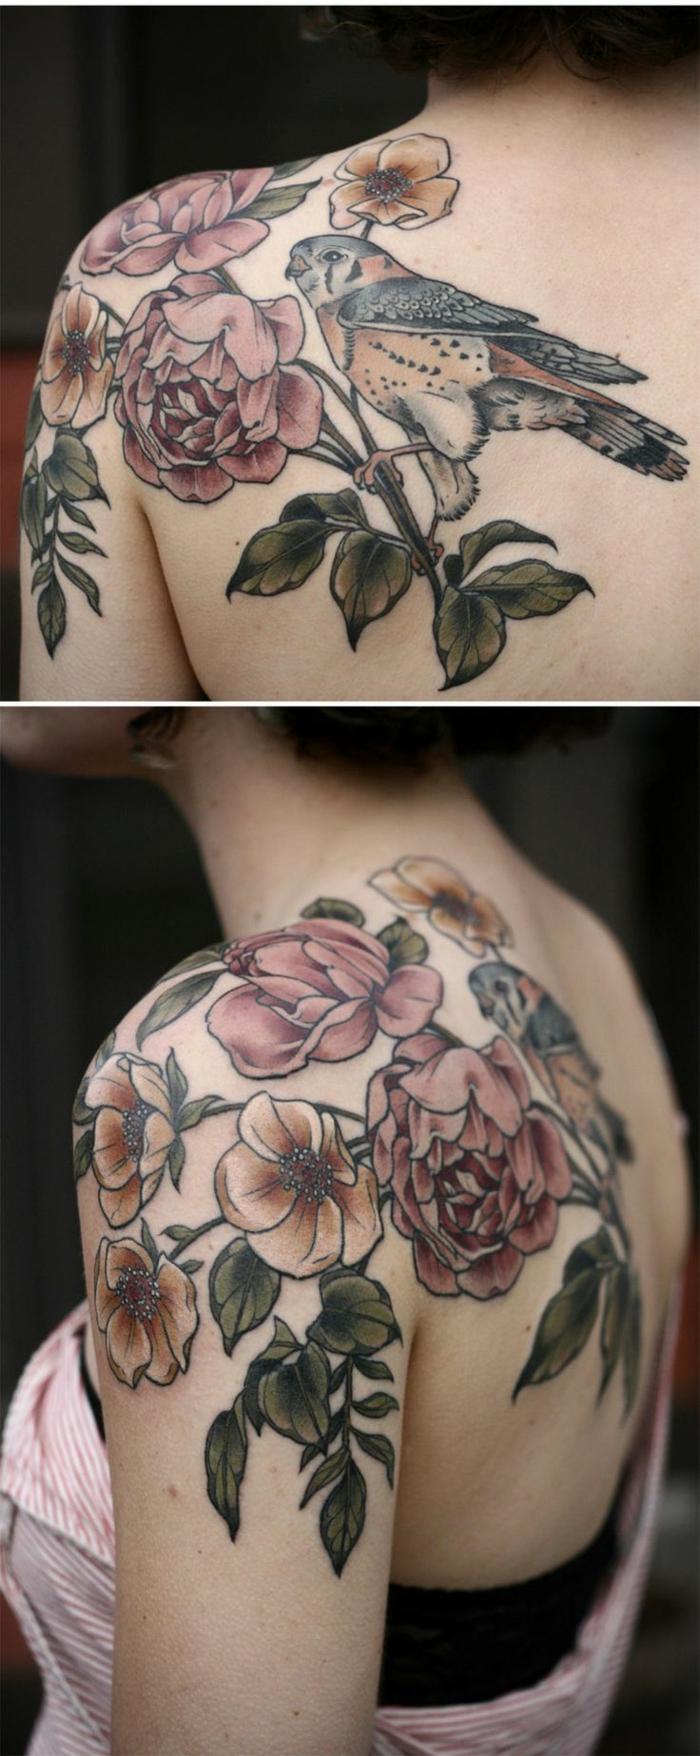 tatuajes de flores, mujer con tatuaje grande en el brazo y la espalda, ramo de flores con crisantemos y paro